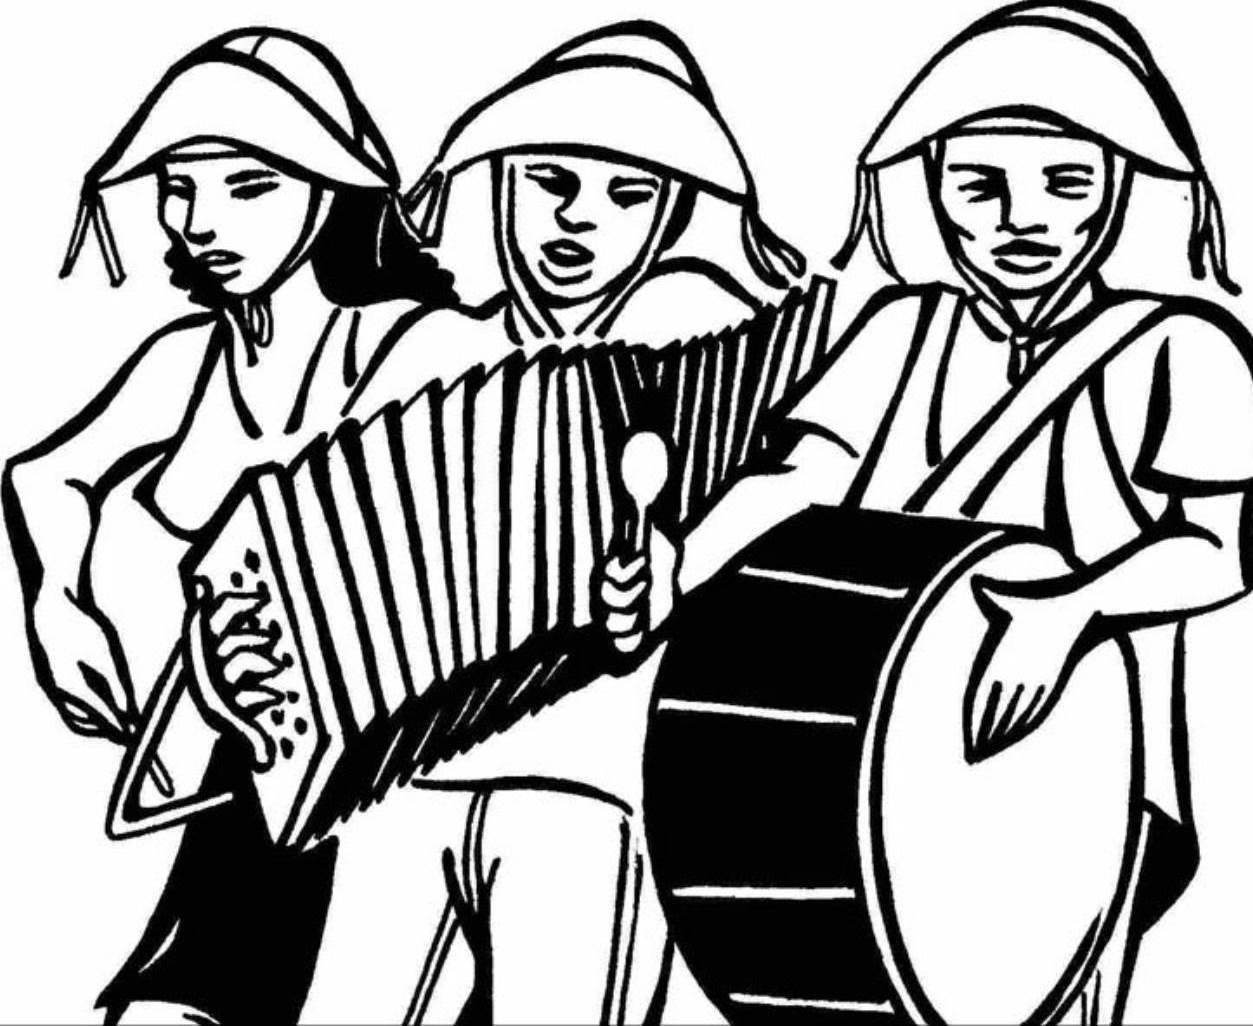 Música da semana: Lamento Sertanejo